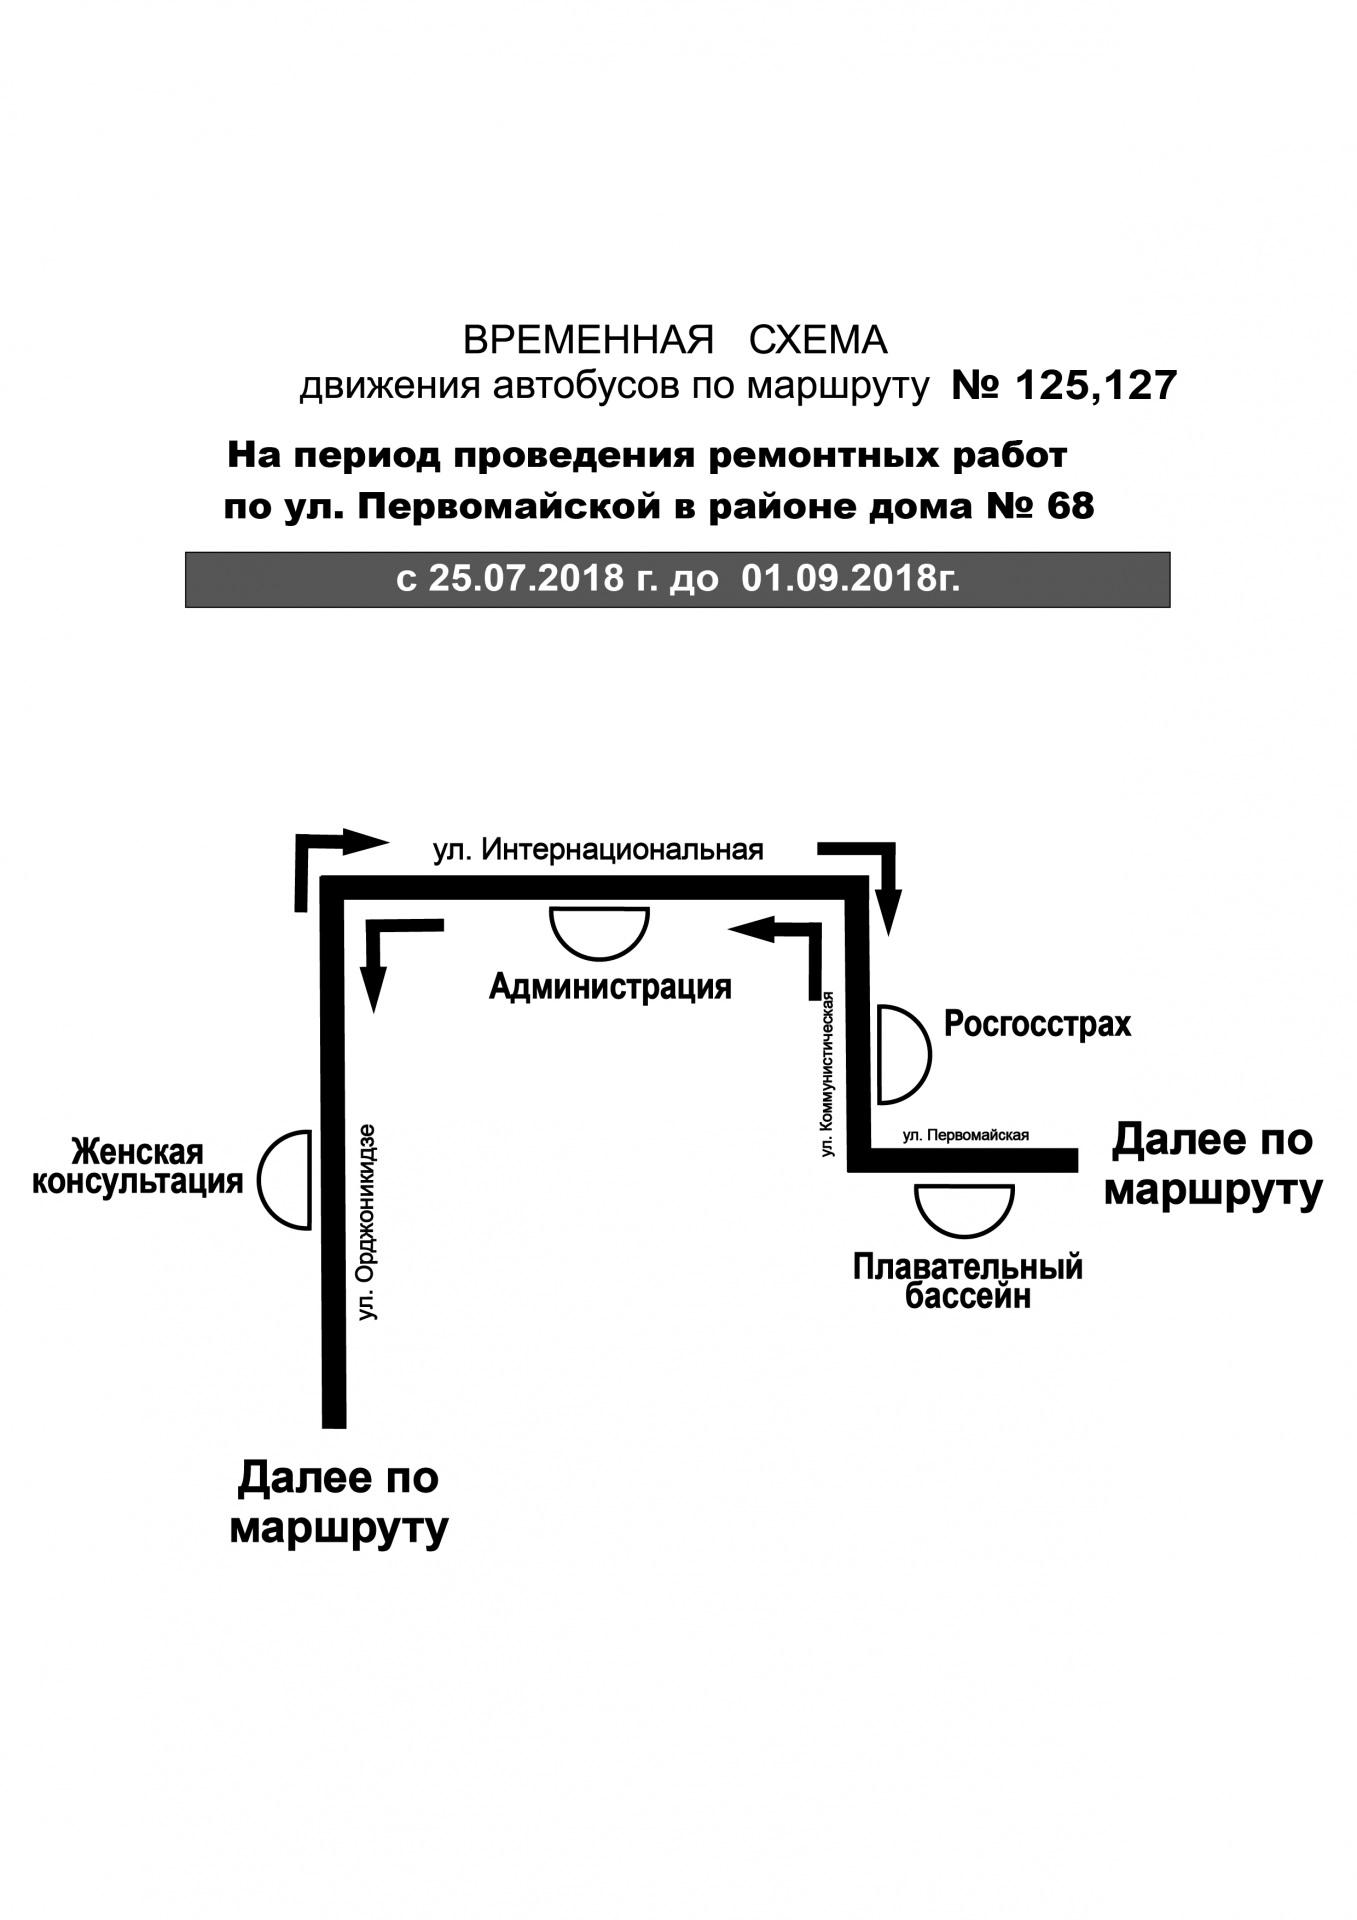 127125-01.jpg